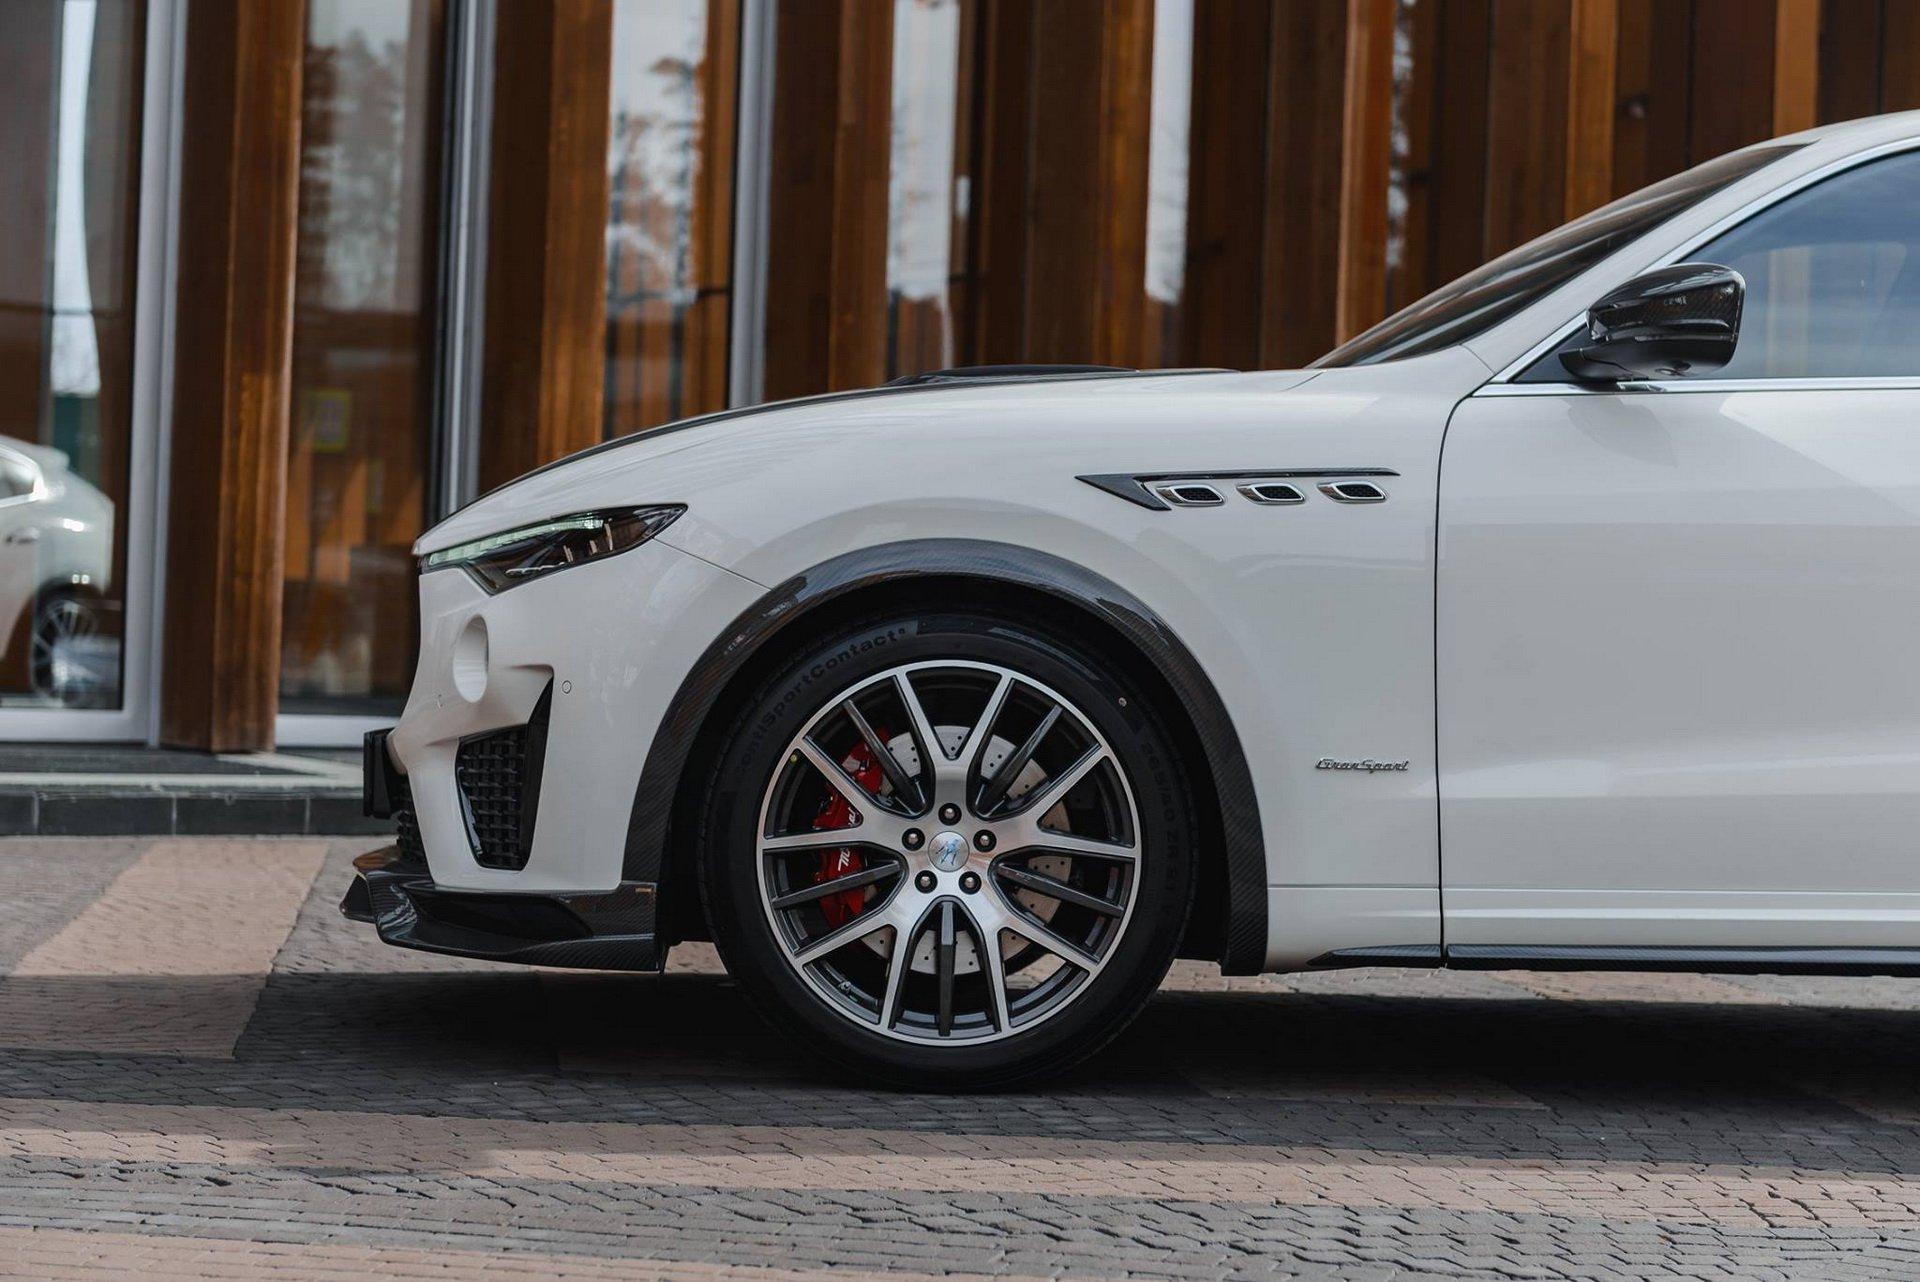 Maserati_Levante_Shtorm_GT_by_Larte_Design_0006